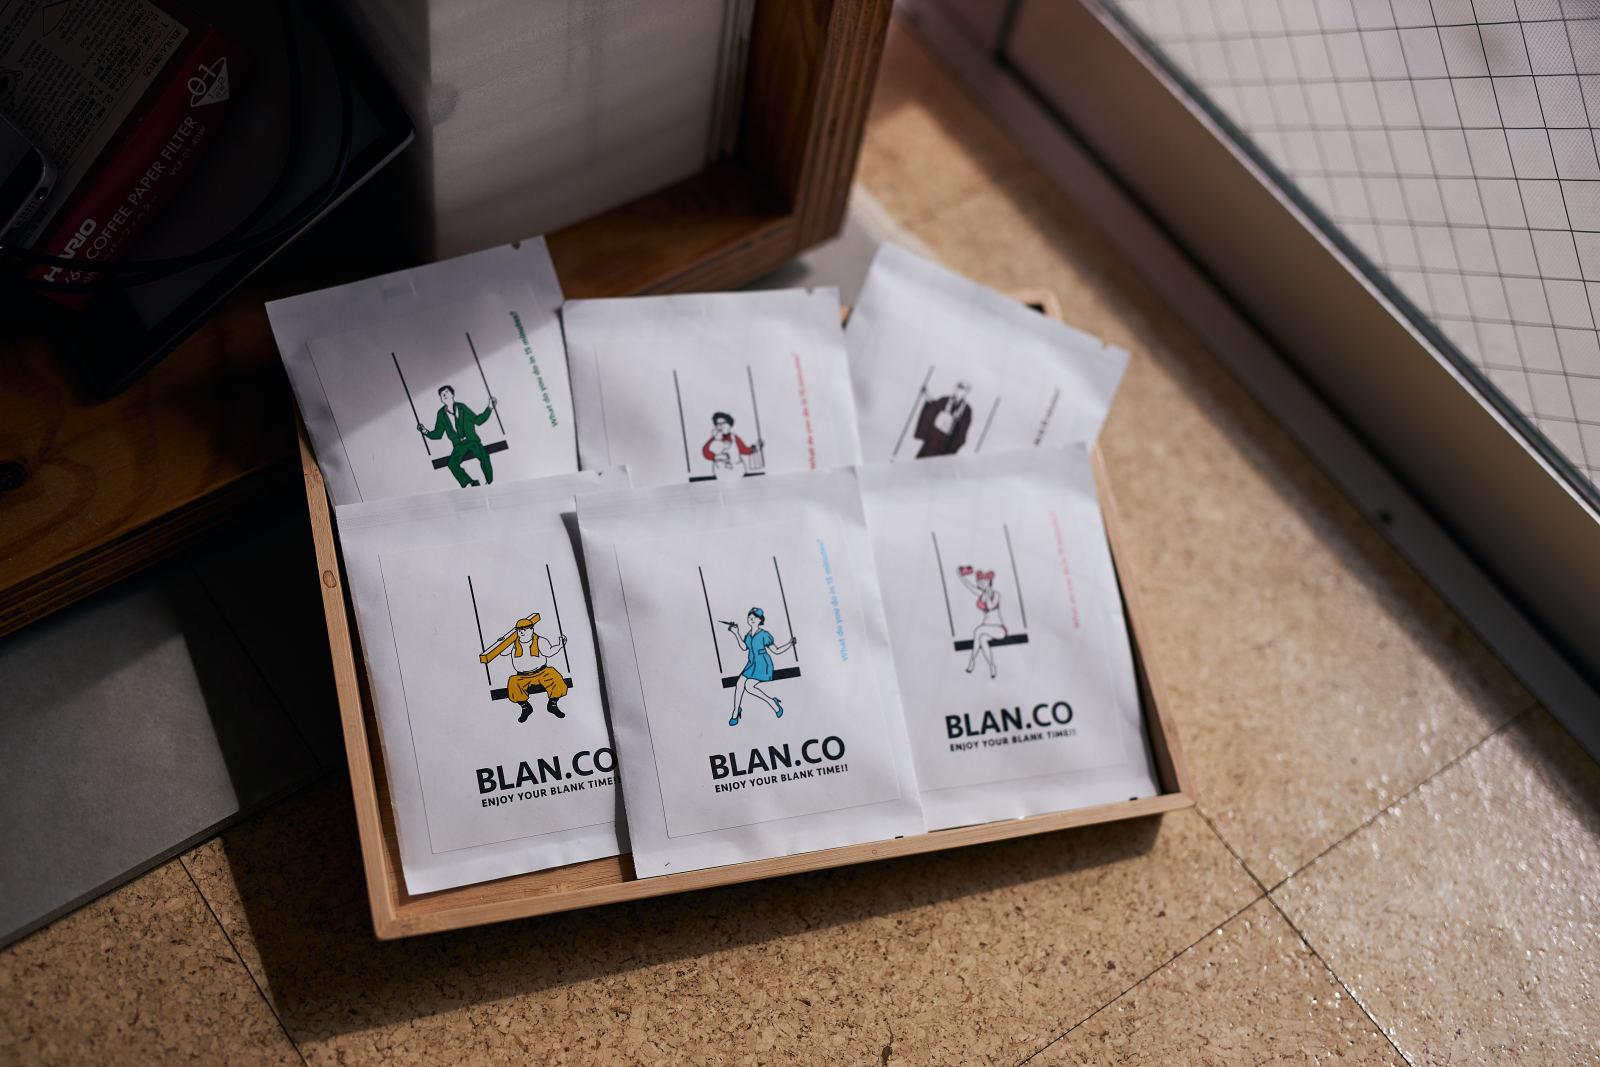 「BLAN.CO」は6種類のコーヒー全種類、または2種類を選び、毎月ドリップパックコーヒーが届く仕組み。